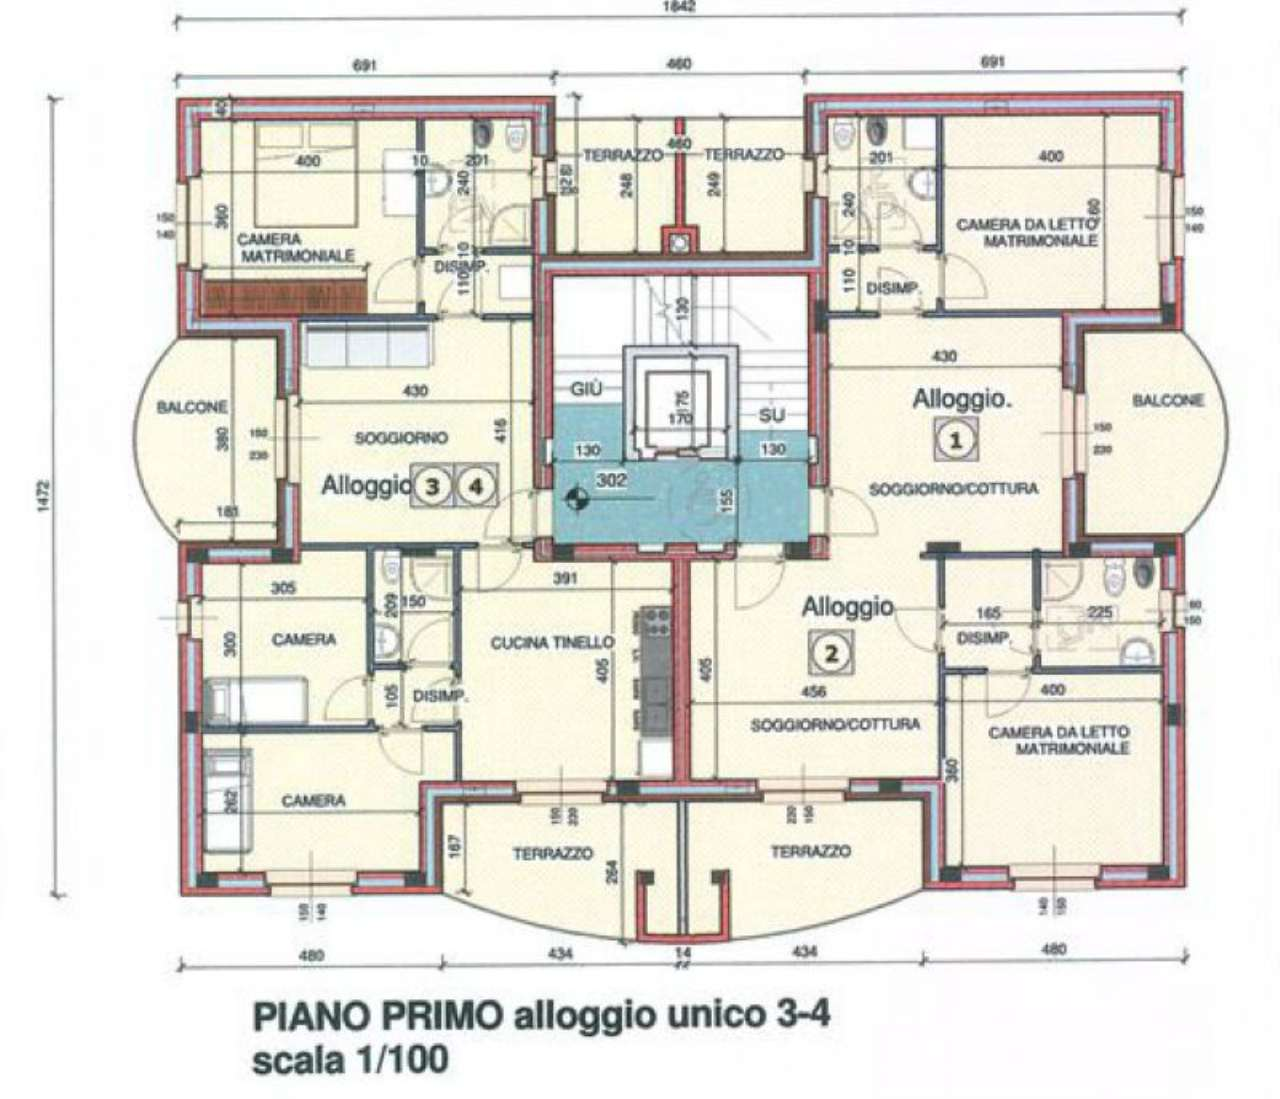 Appartamento in vendita a Asti, 4 locali, prezzo € 187.000 | Cambio Casa.it